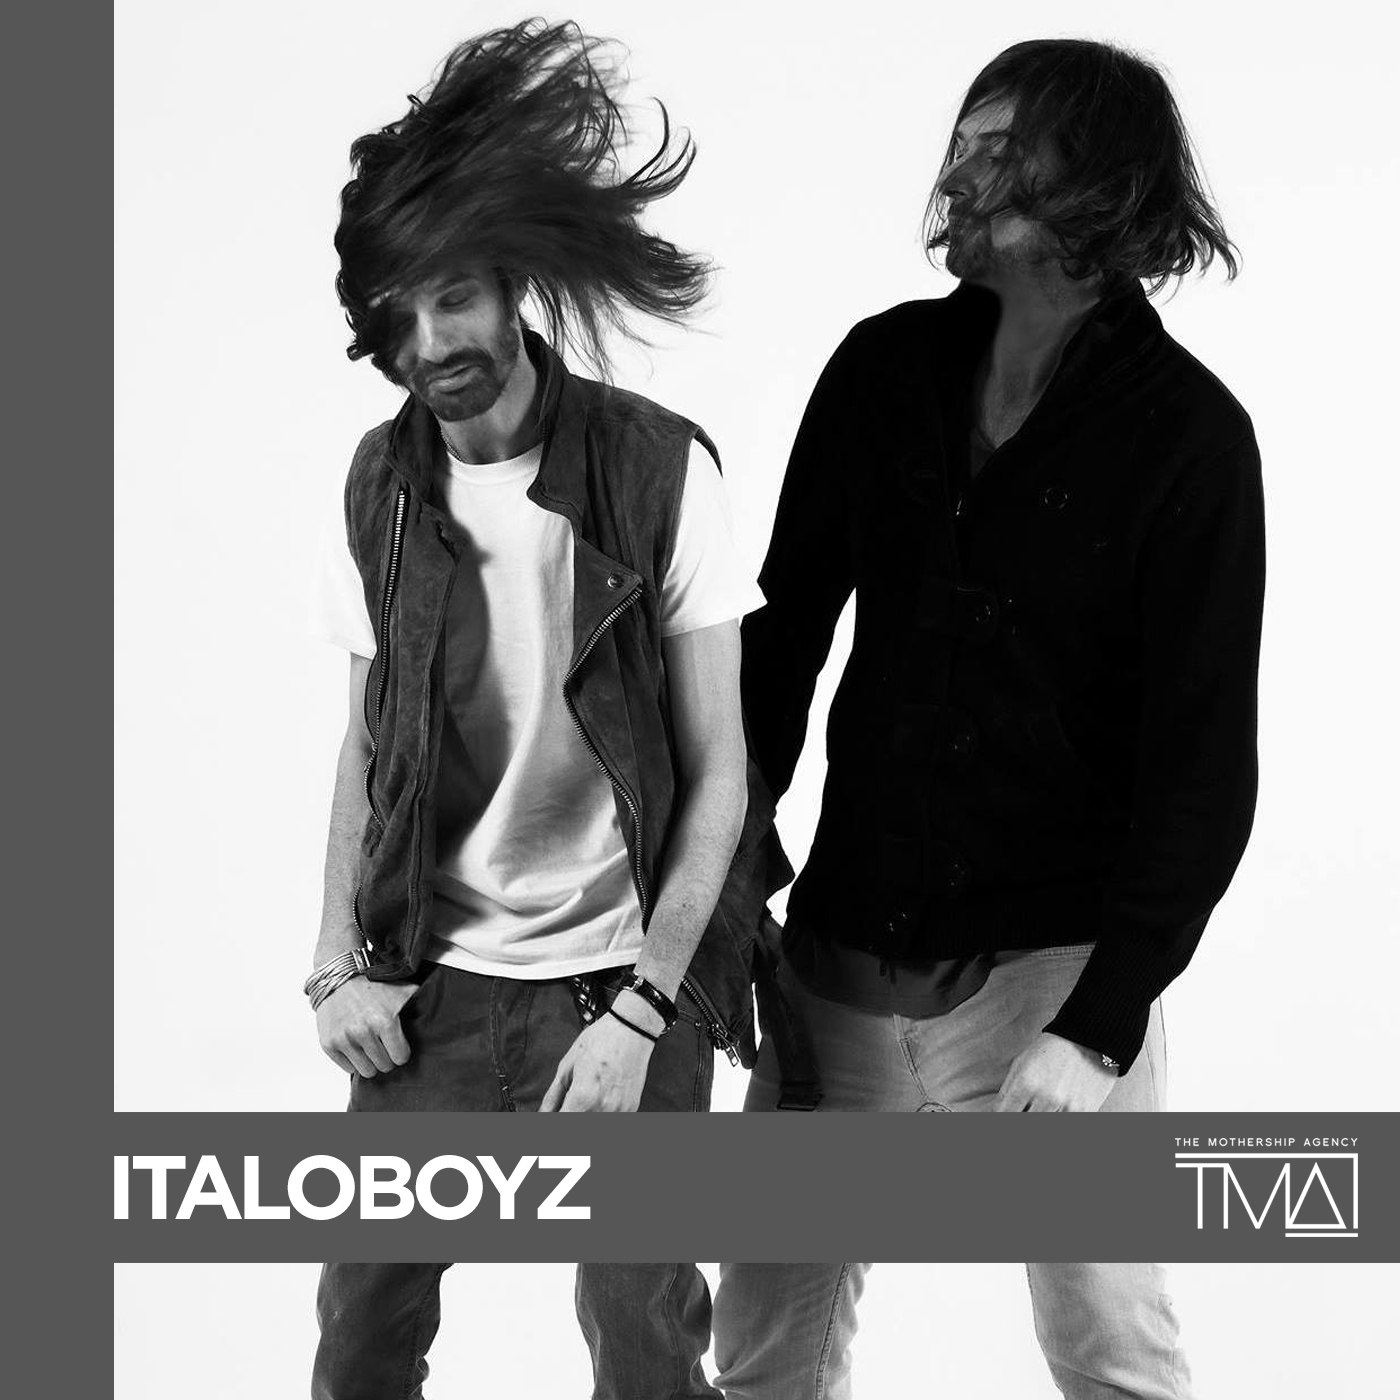 THE COLLECTIVE SERIES: TMA – Italoboyz